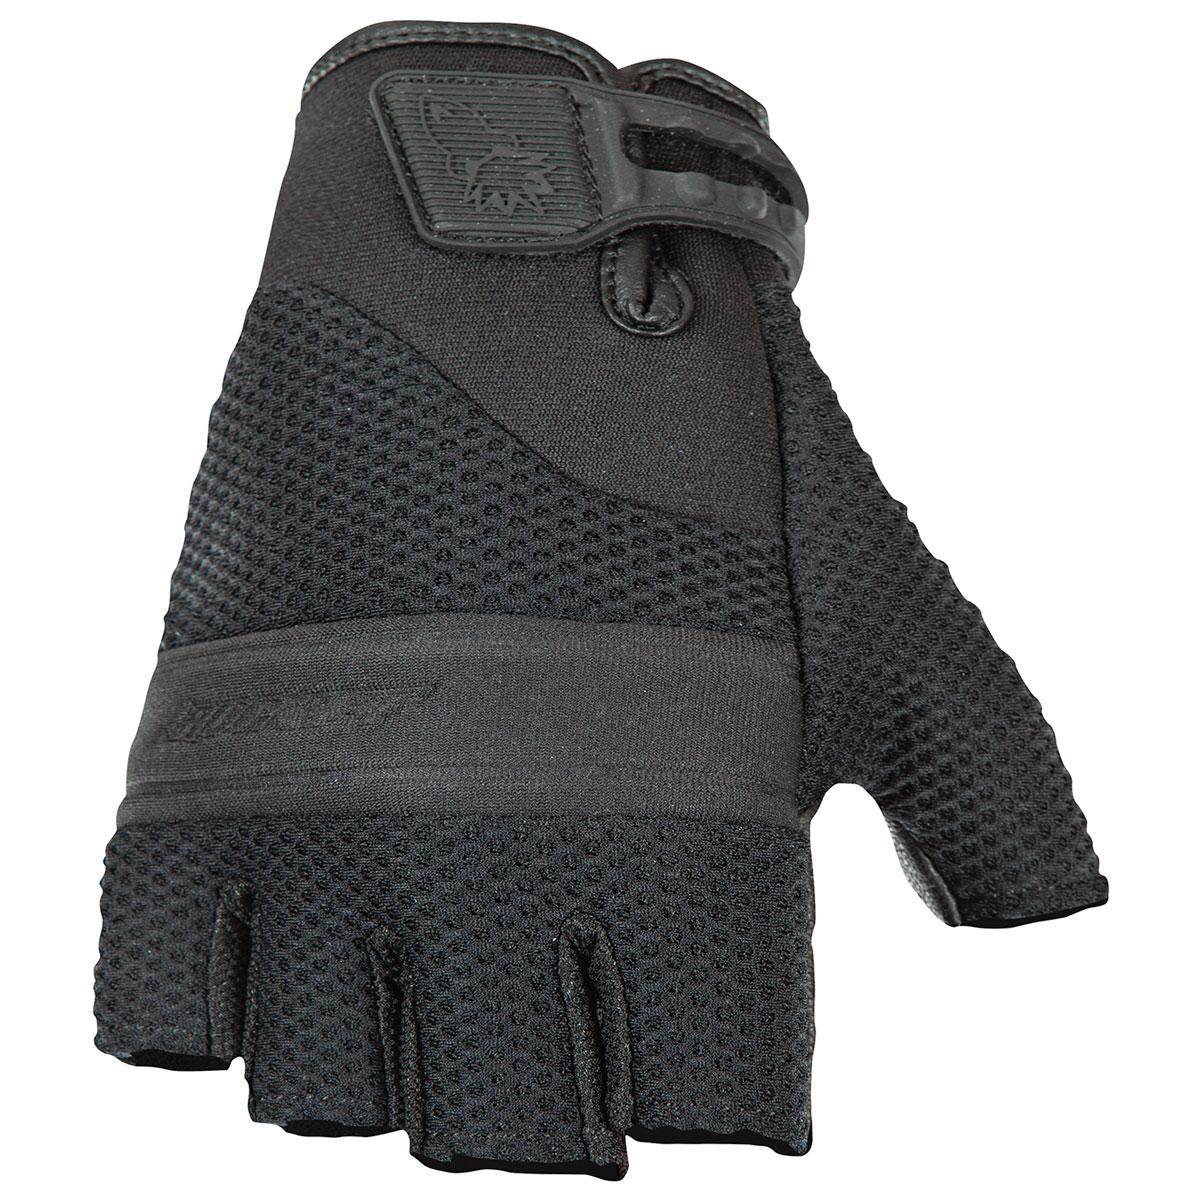 Joe Rocket Men's Vento Fingerless Black Gloves